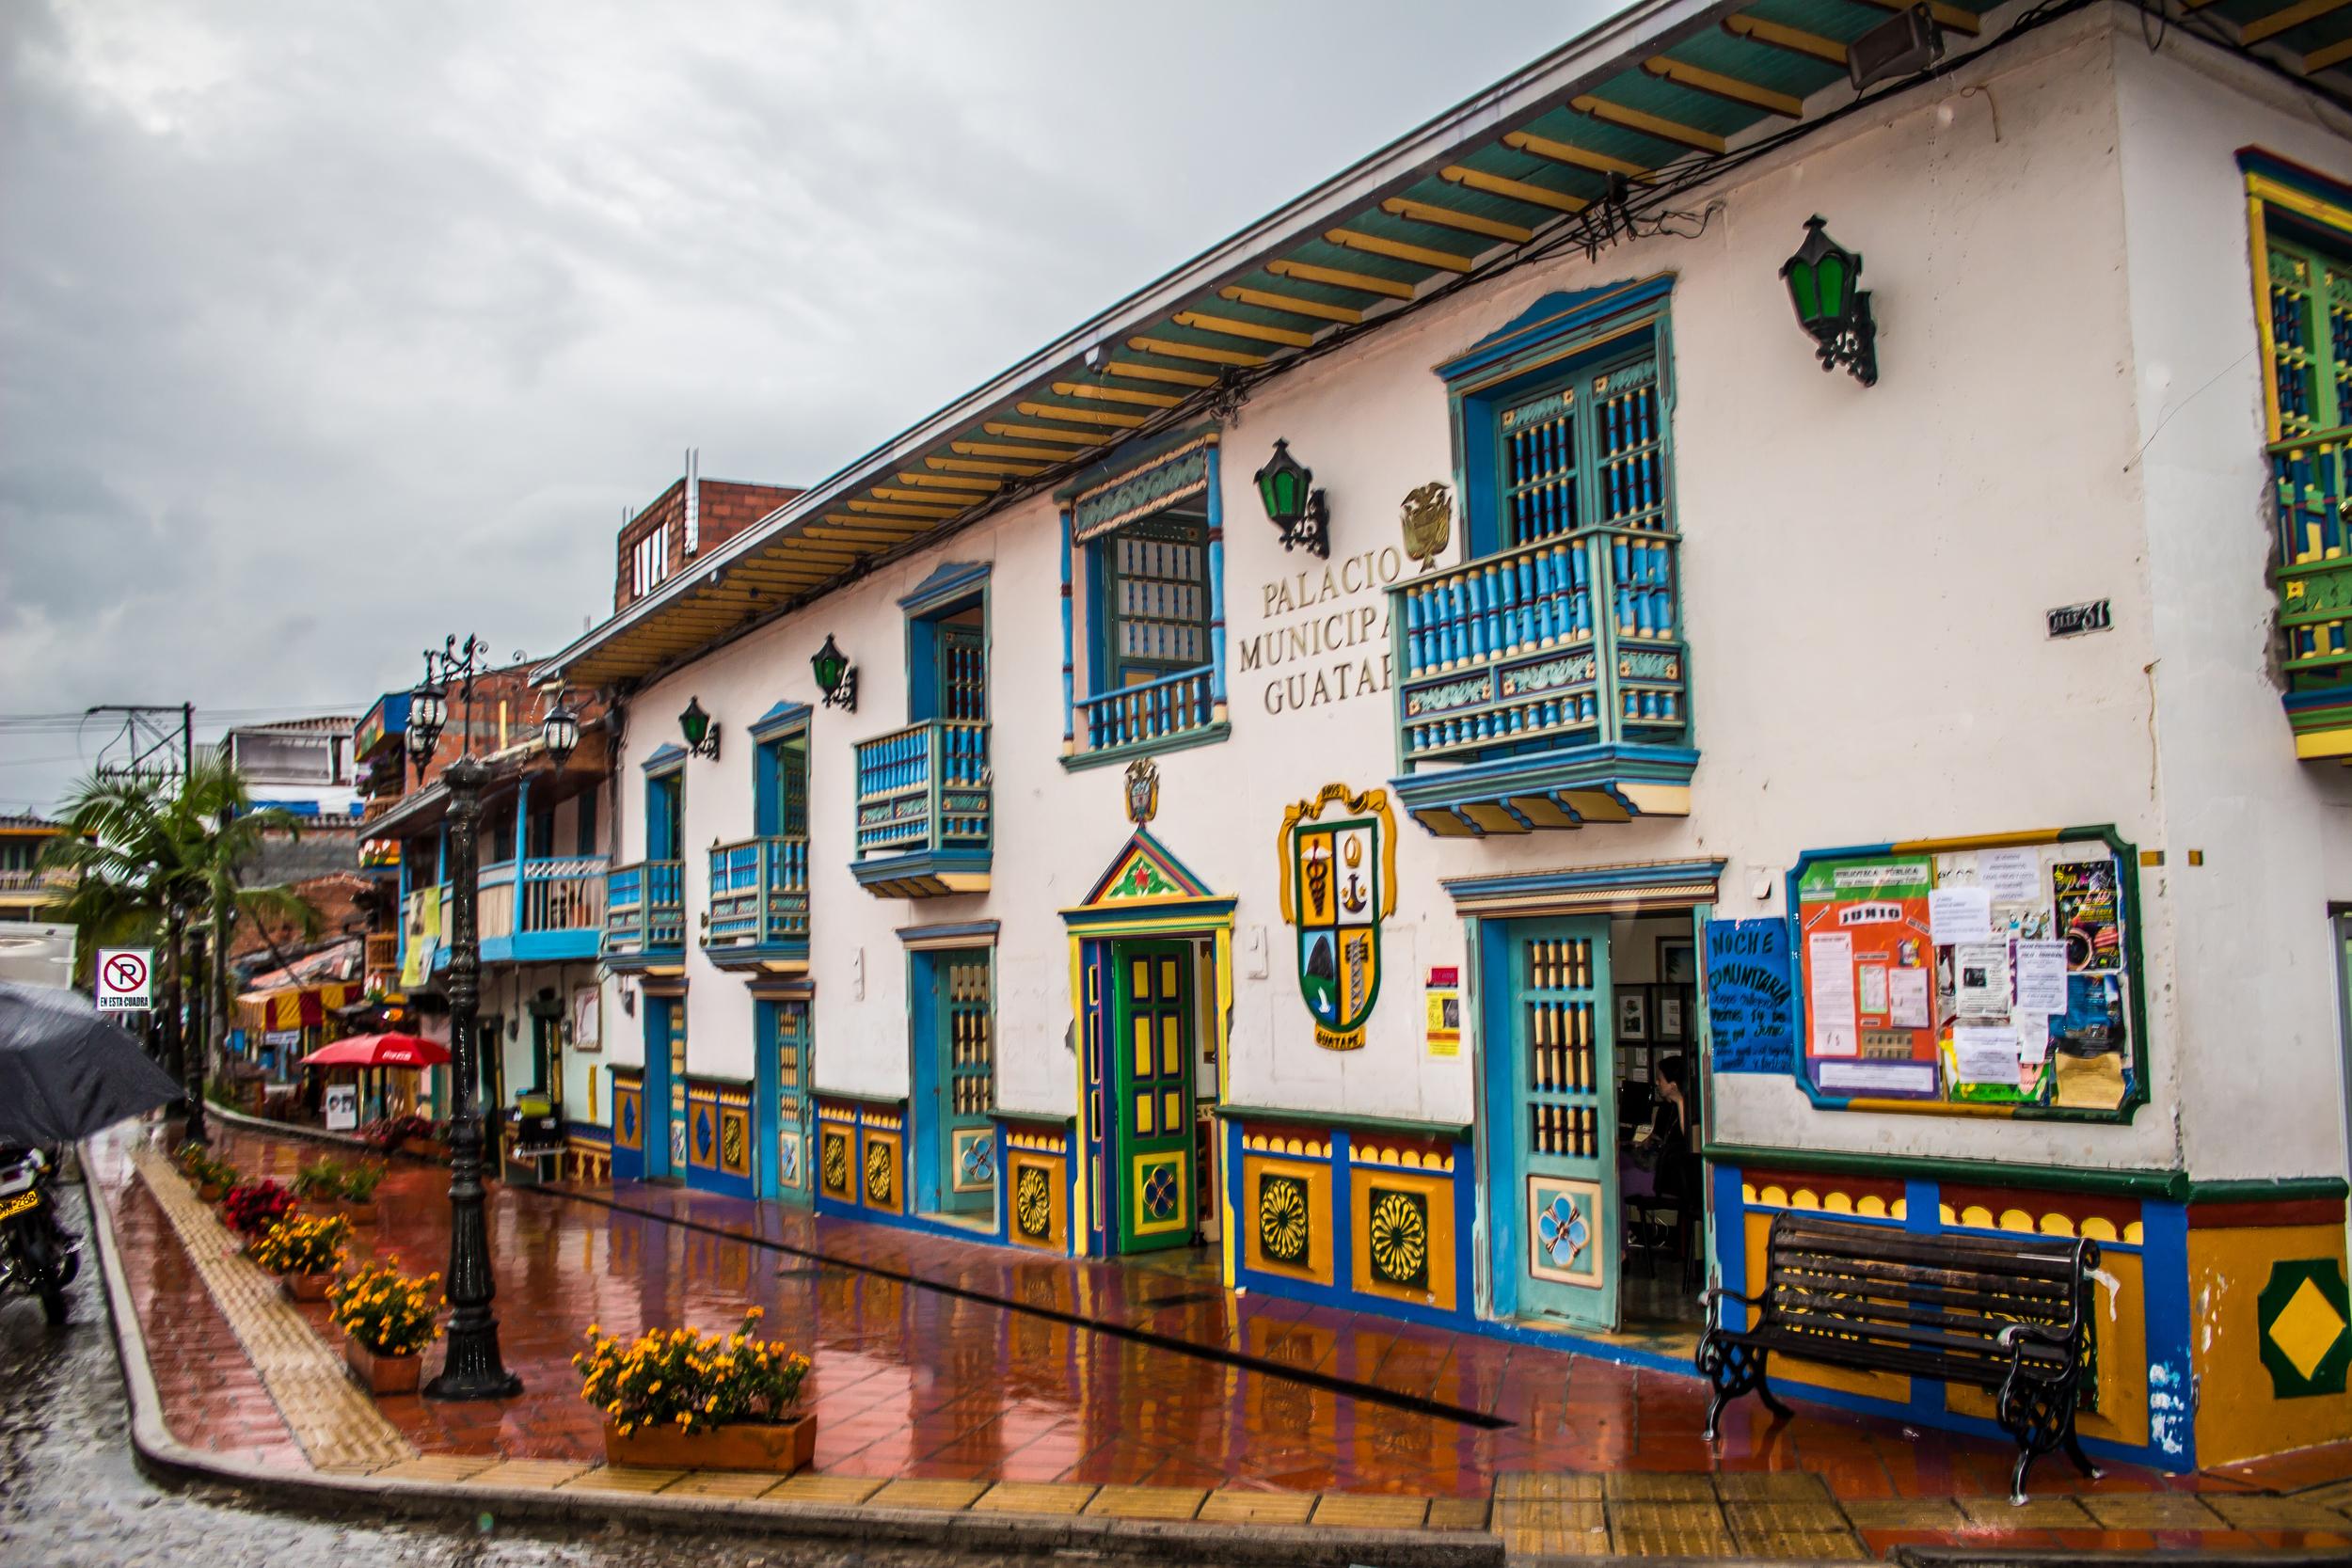 UN DIA LLUVIOSO EN GUATAPE, ANTIOQUIA, UN PUEBLITO A 90 MINUTOS DE MEDELLIN